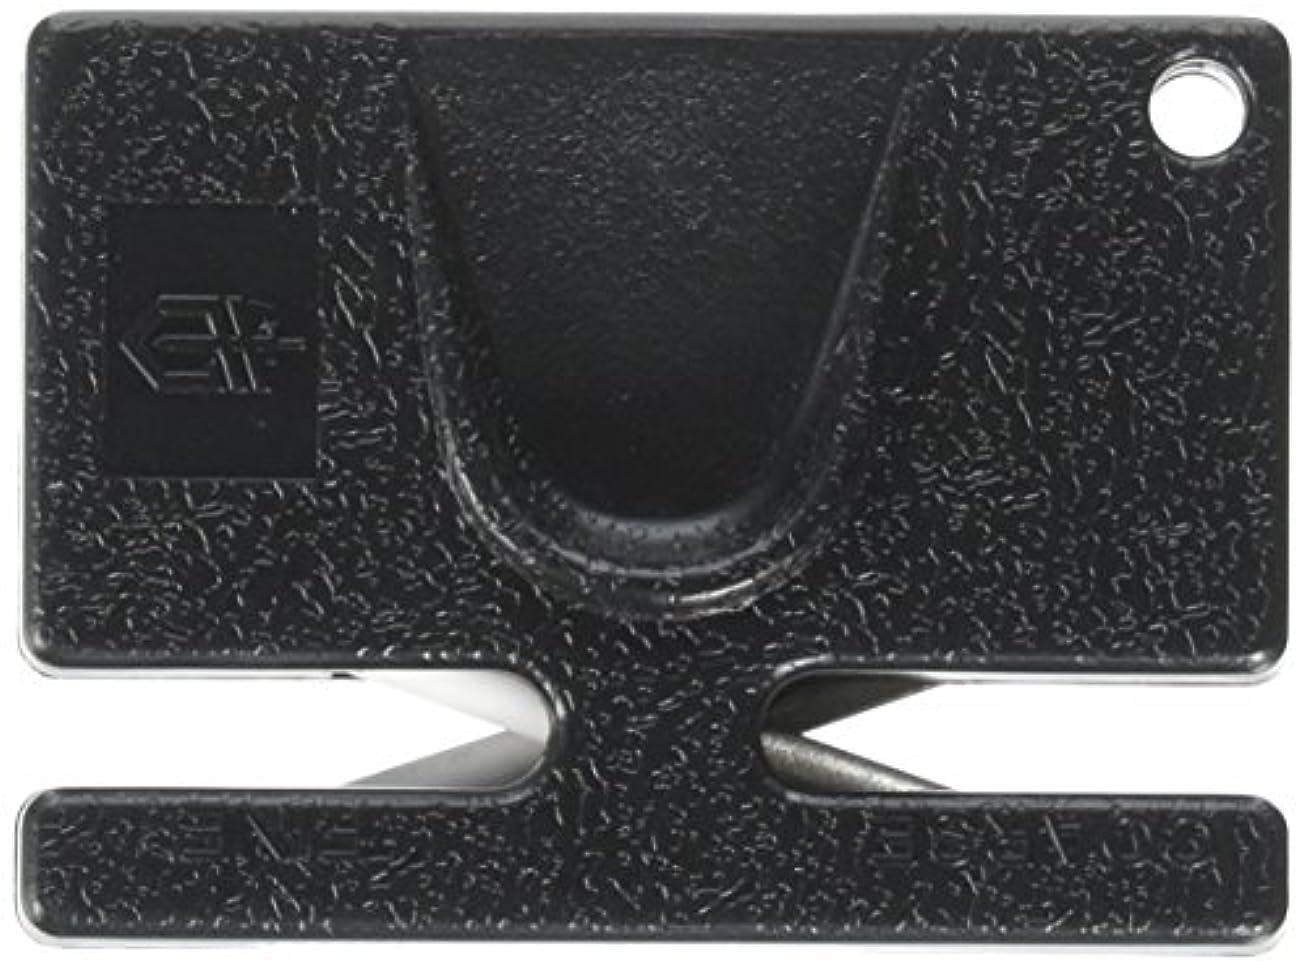 へこみ魔術師合理化GERBER(ガーバー) ポケットシャープナー ブラック 04307